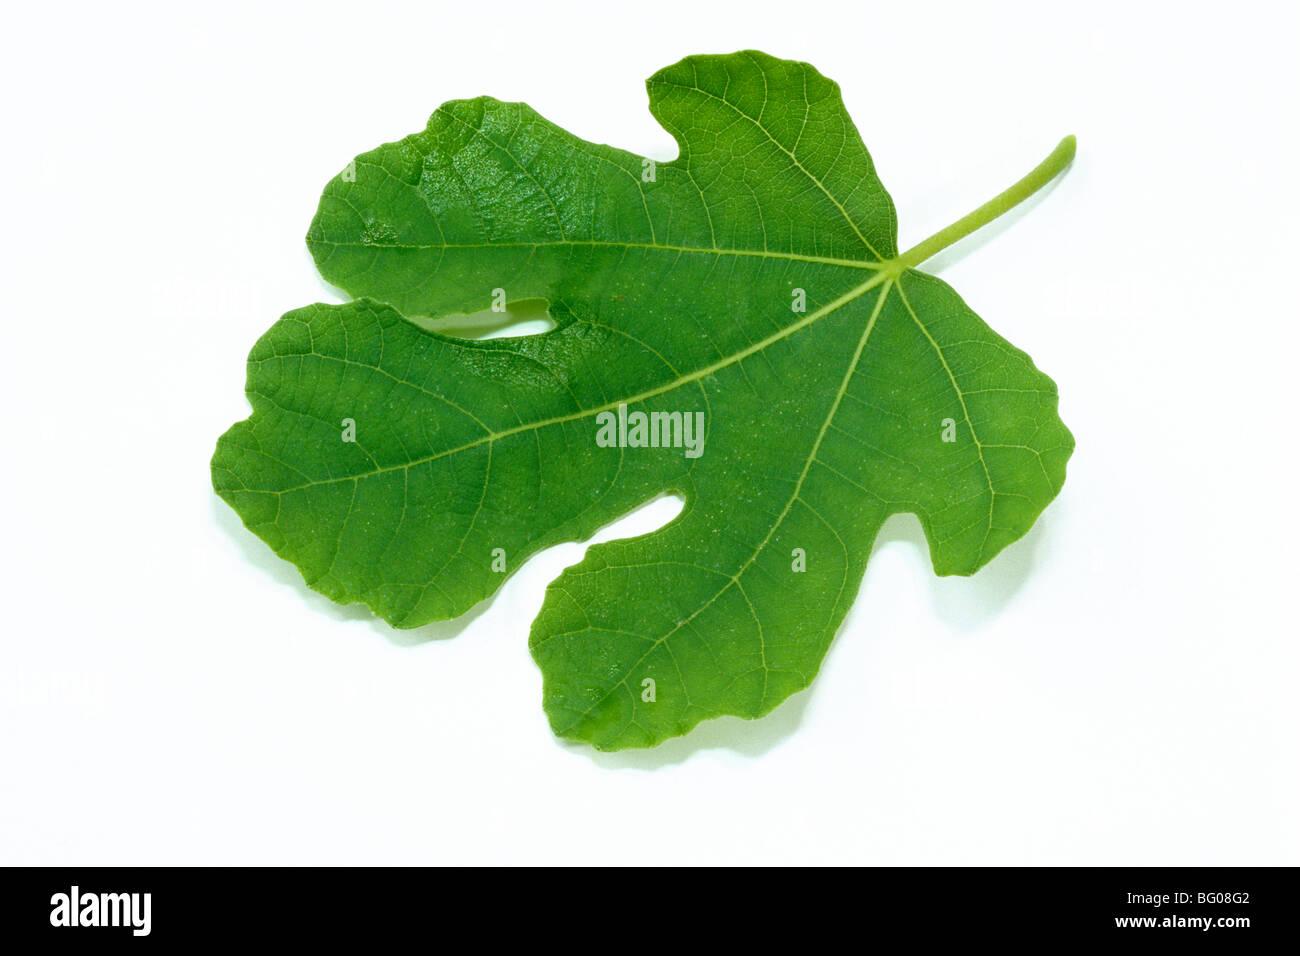 Gemeinsamen Feigen (Ficus Carica), Blatt, Studio Bild. Stockbild